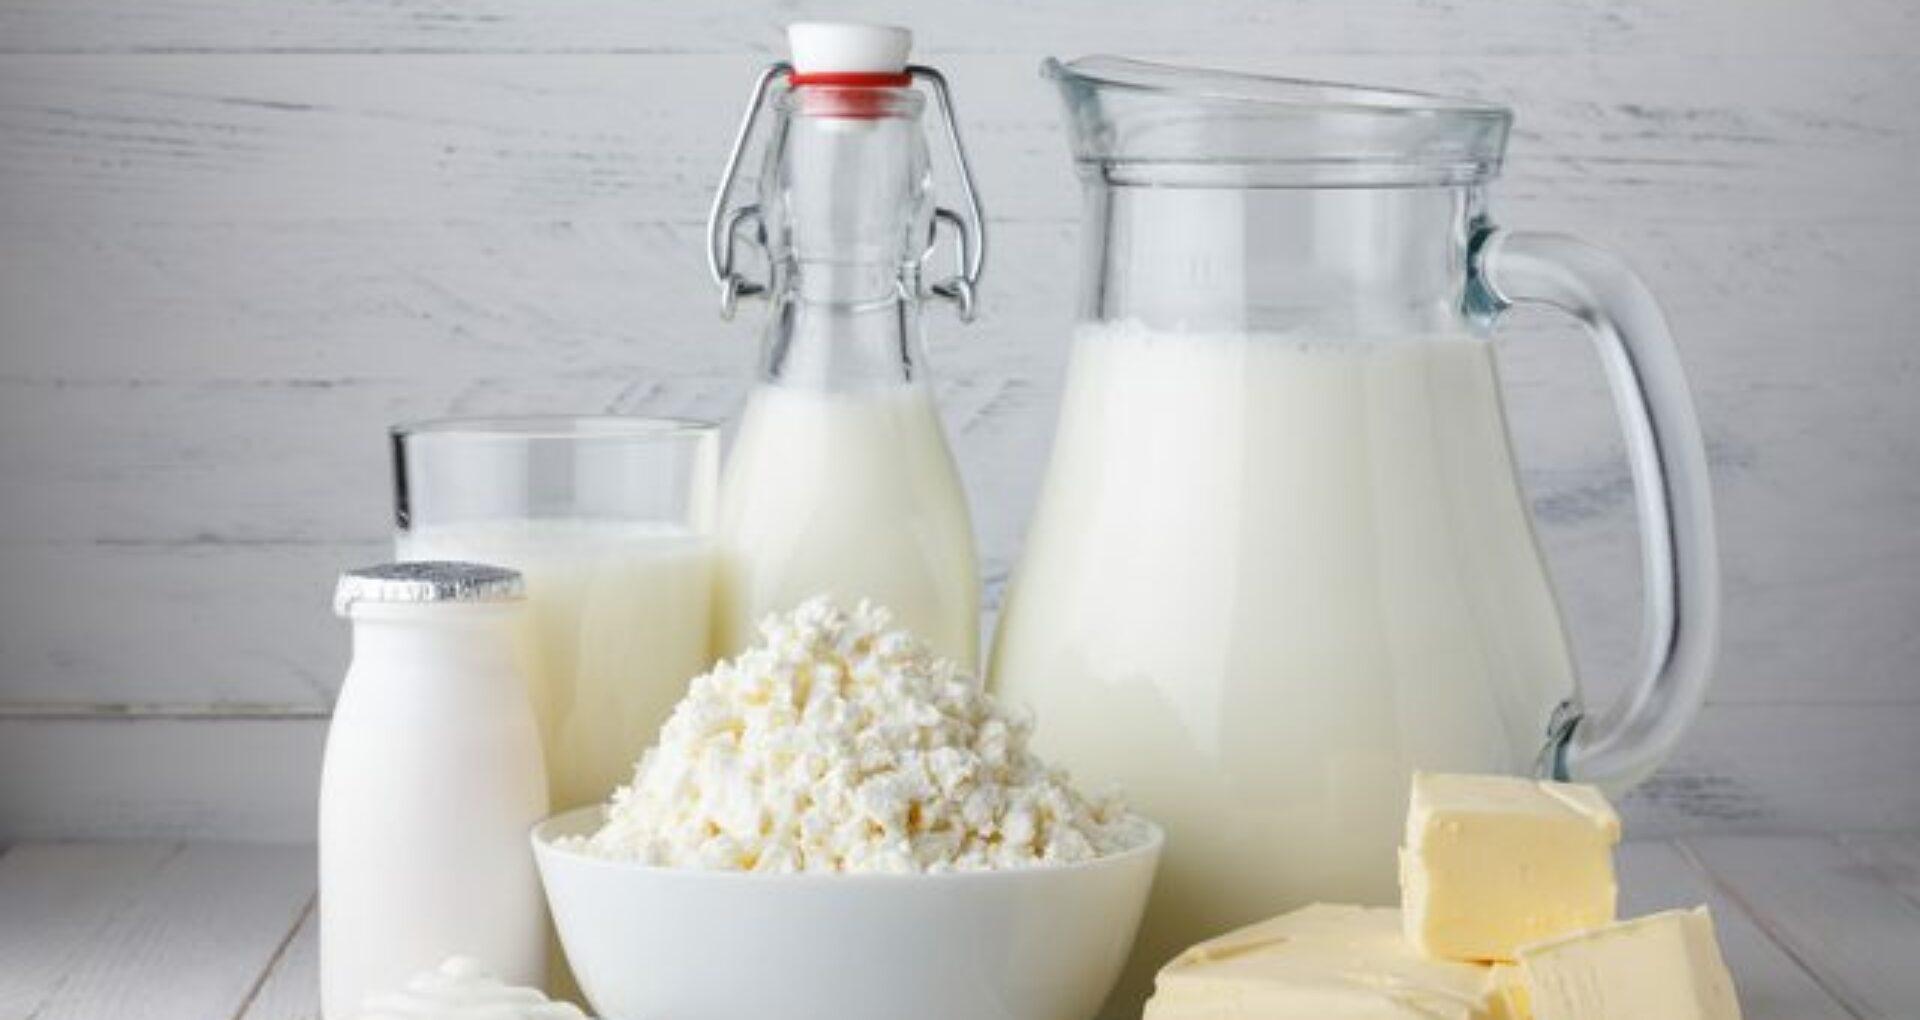 R. Moldova va putea exporta produse lactate în UE, a anunțat ANSA, cu referire la o decizie a Comisiei Europene